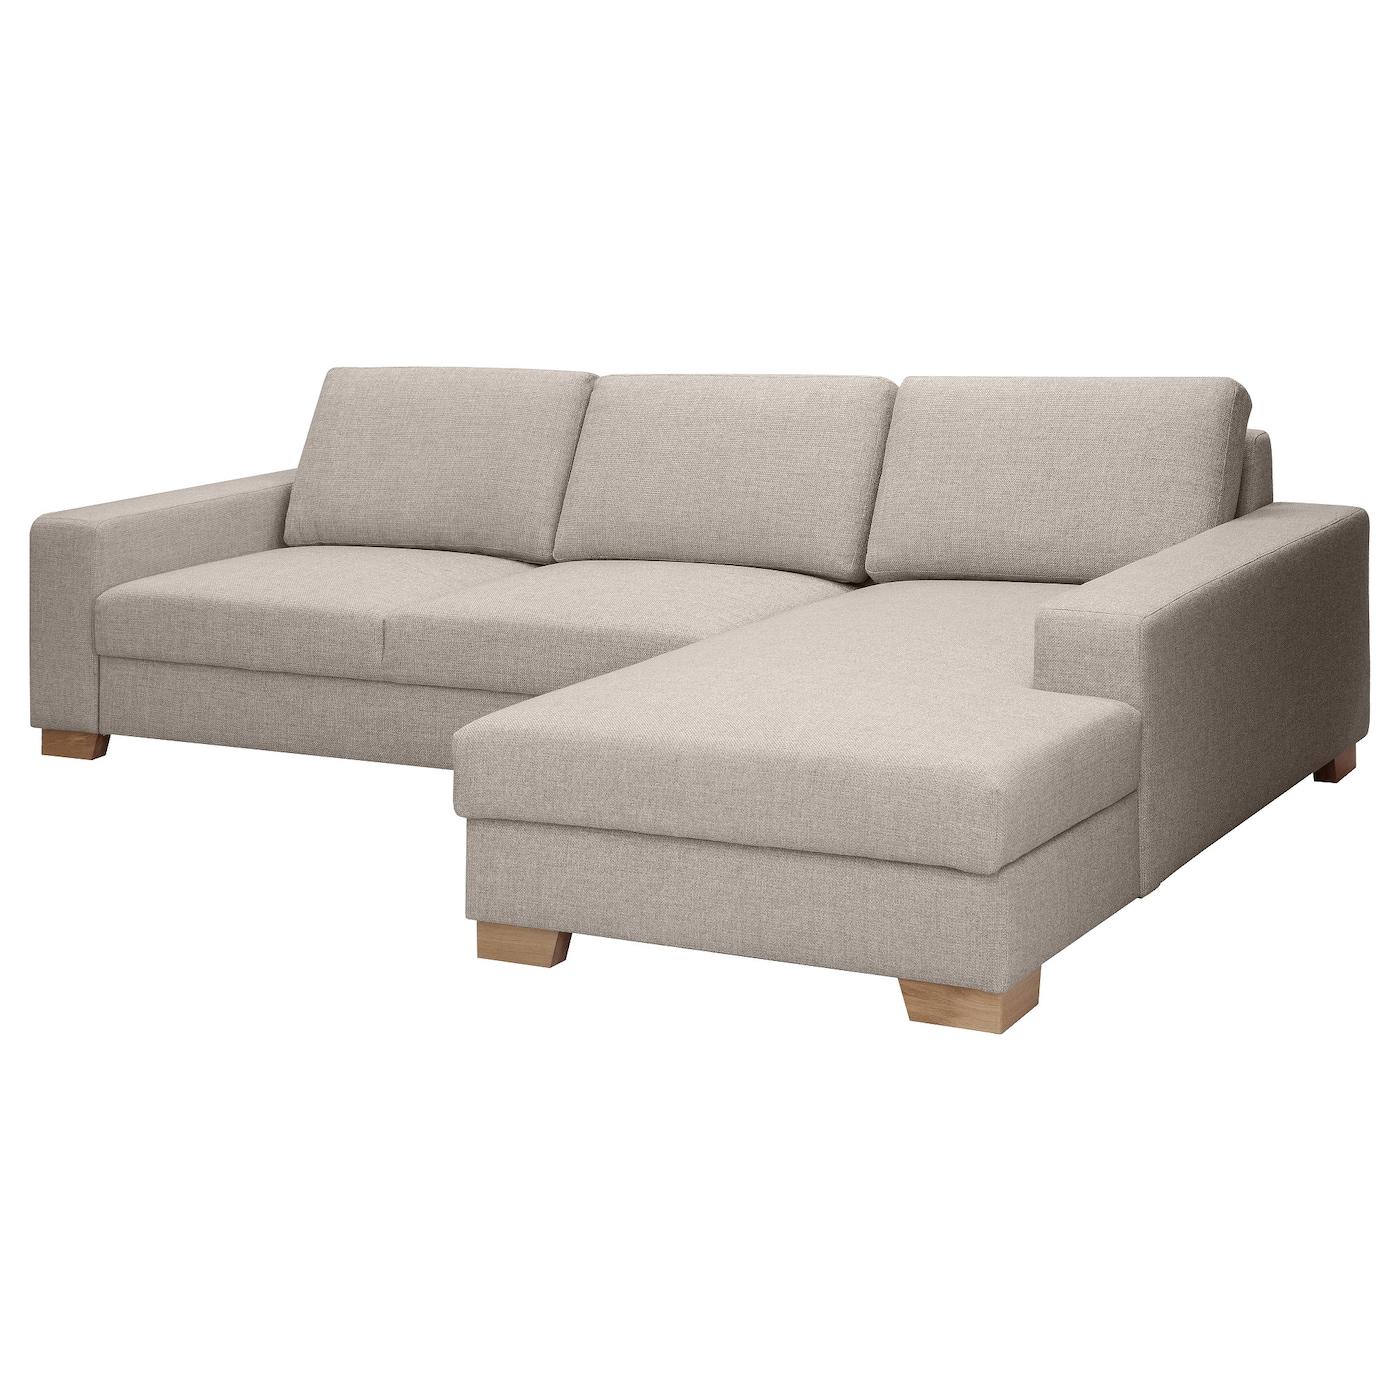 SÖRVALLEN 3er-Sofa - mit Récamiere rechts/Tenö hellgrau